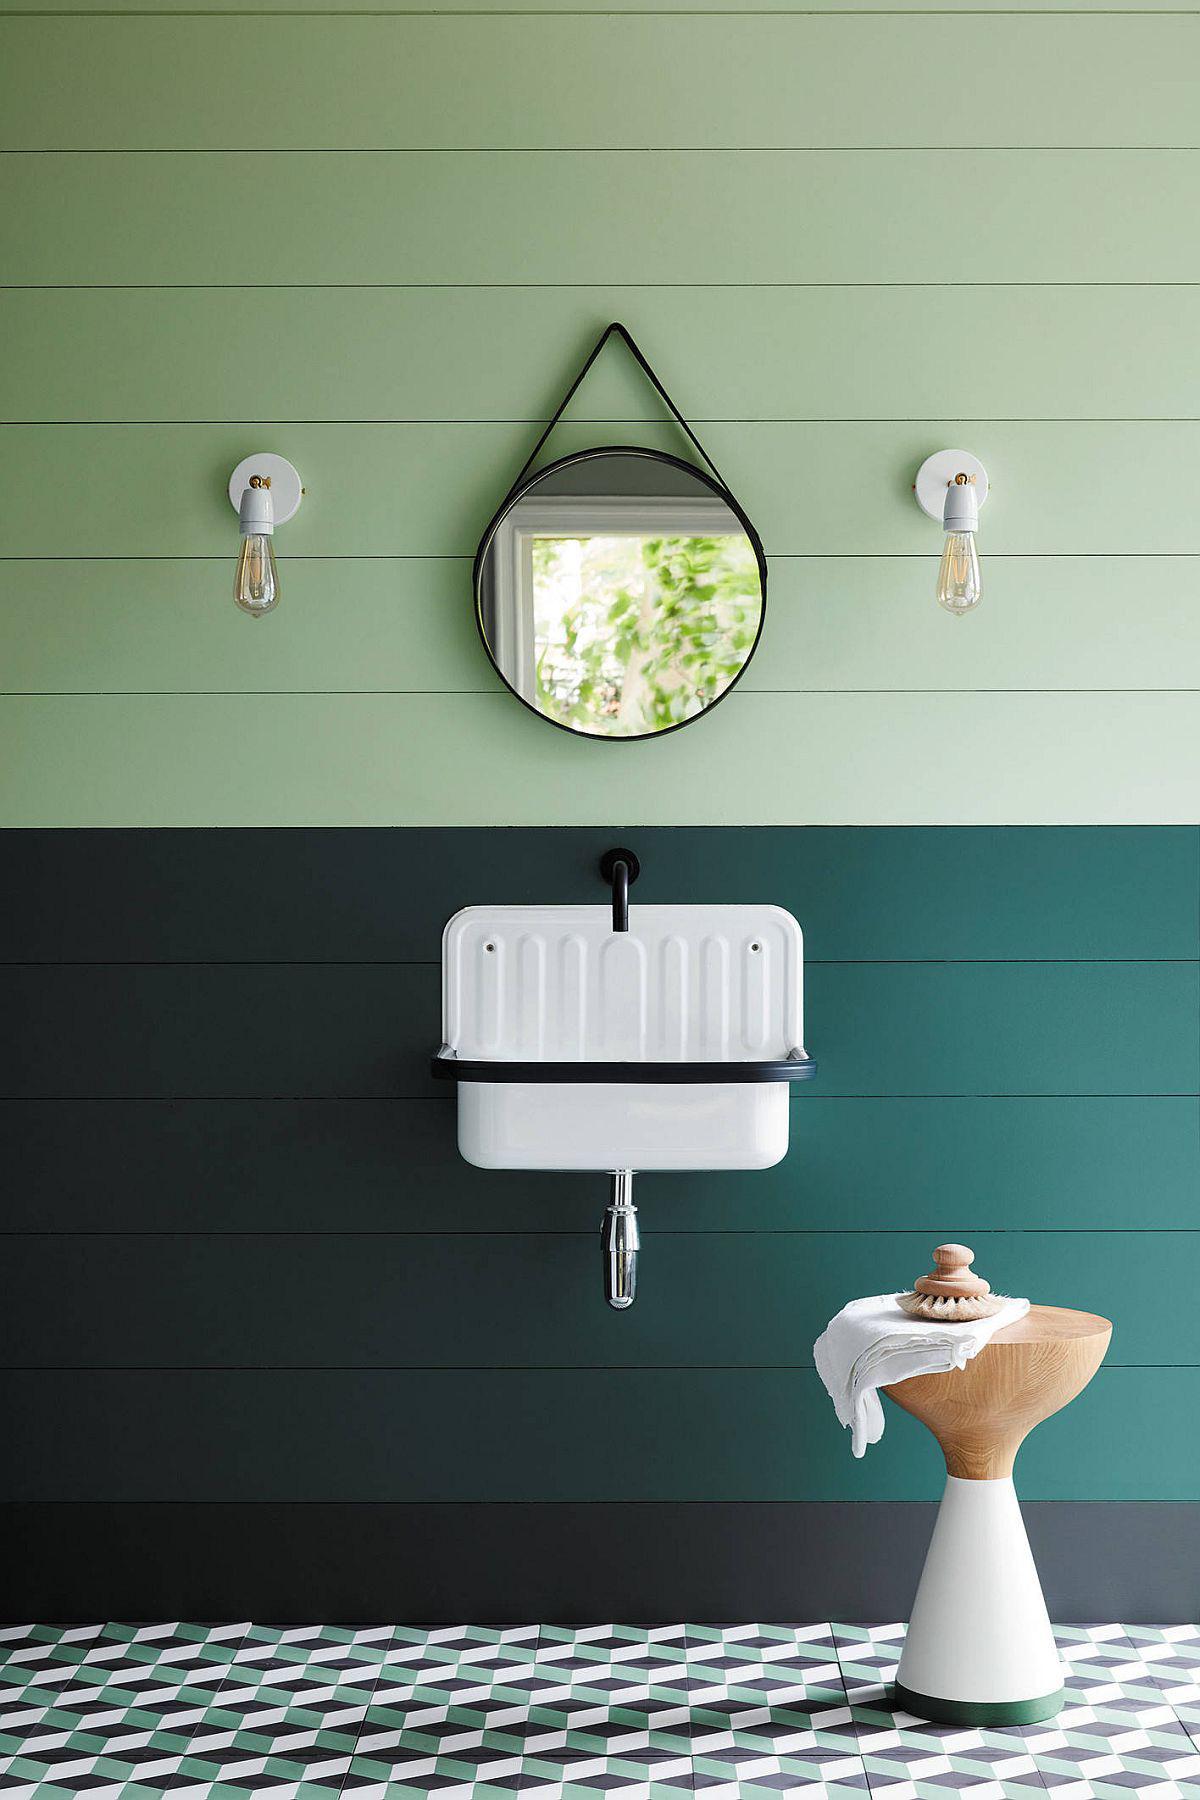 Xu hướng thiết kế phòng tắm năm 2020: 25 ý tưởng và cảm hứng tuyệt đẹp đáng để bỏ tiền ra thay đổi phòng tắm nhà mình - Hình 1